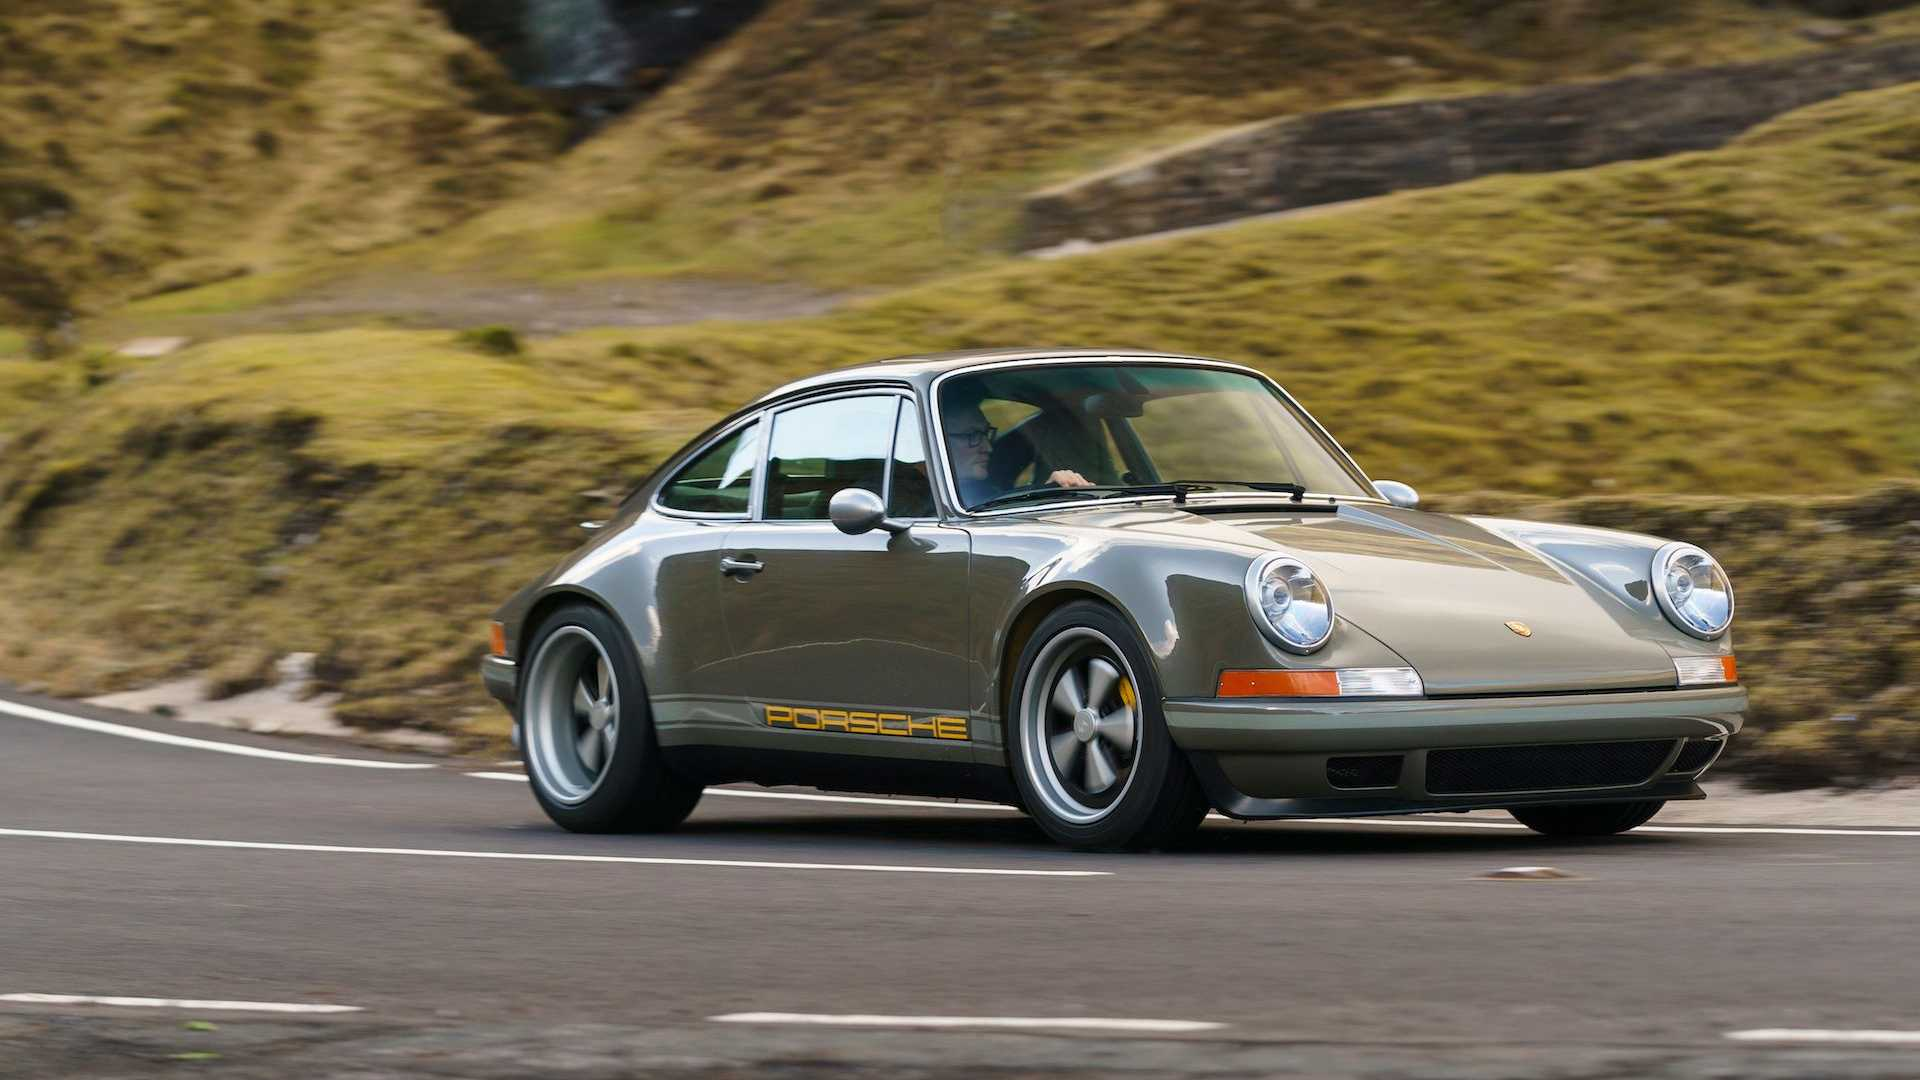 Theon-Design-HK002-Porsche-911-4